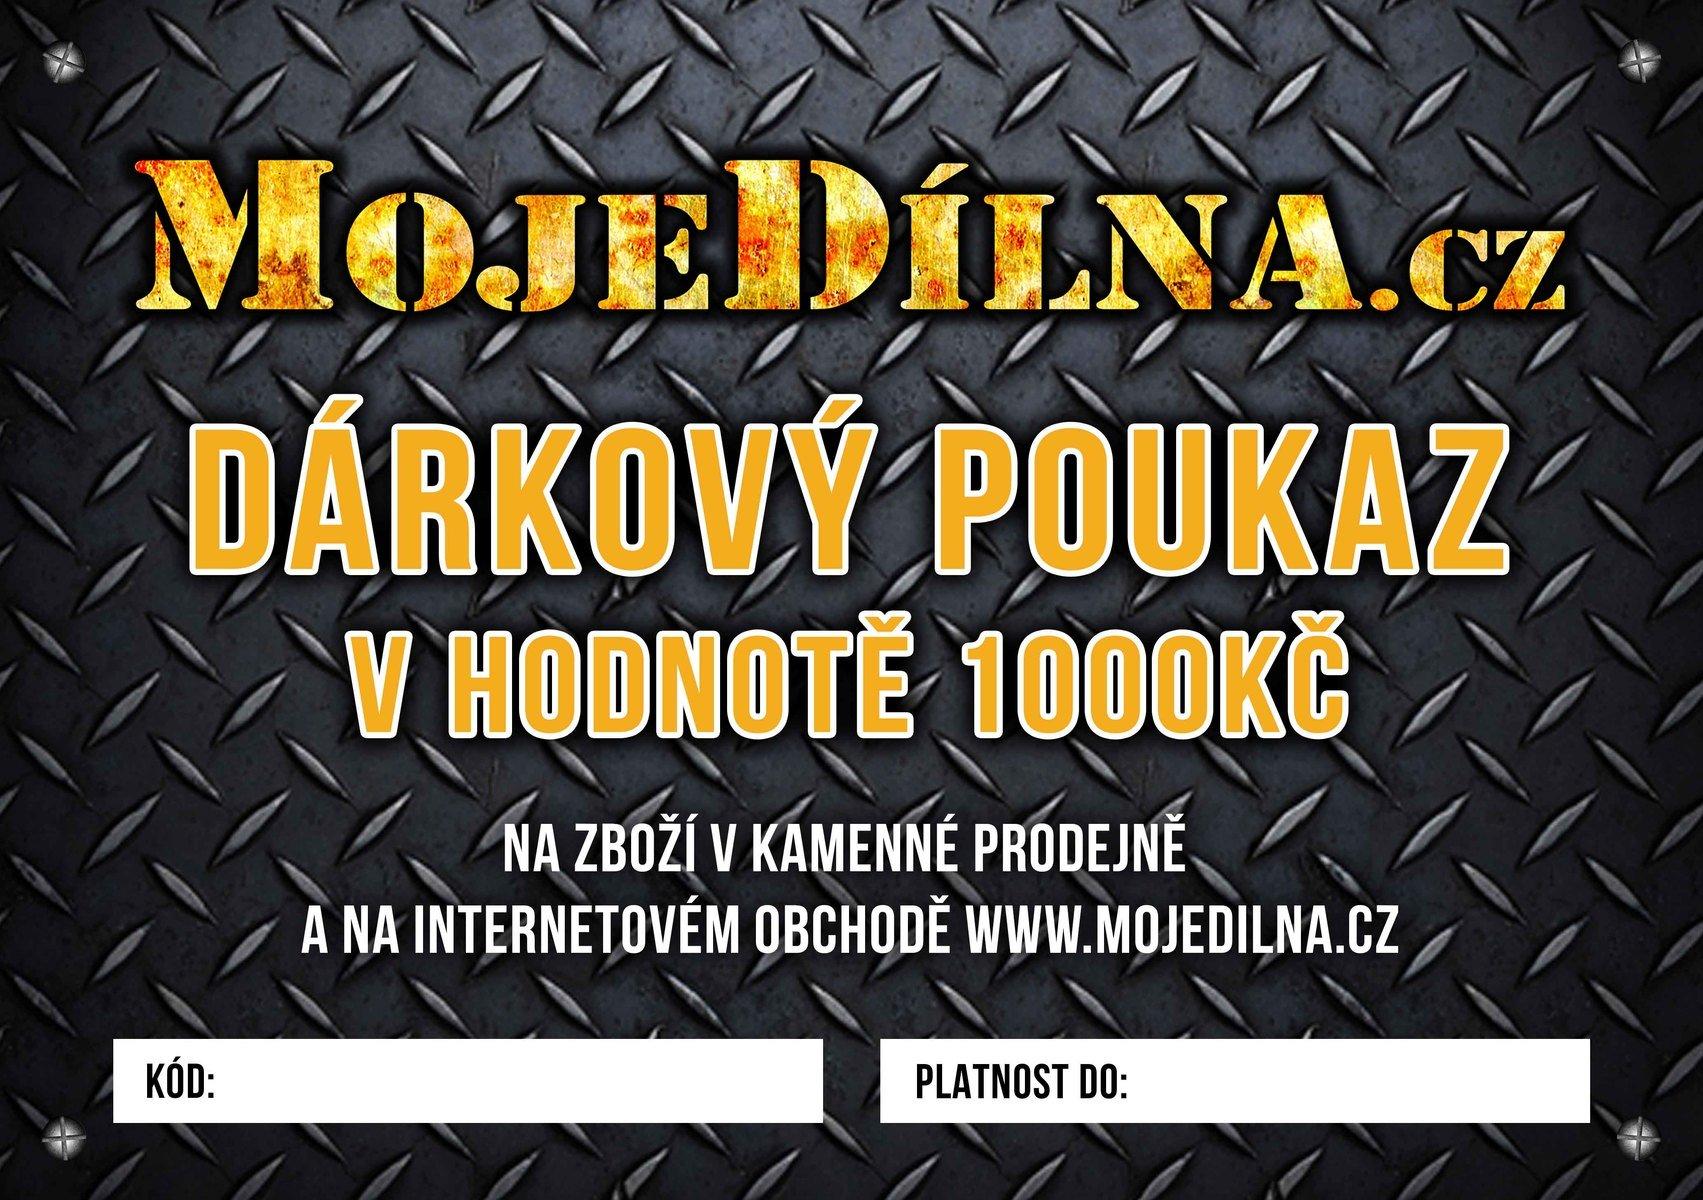 Dárkový poukaz MojeDílna.cz v hodnotě 1000 Kč